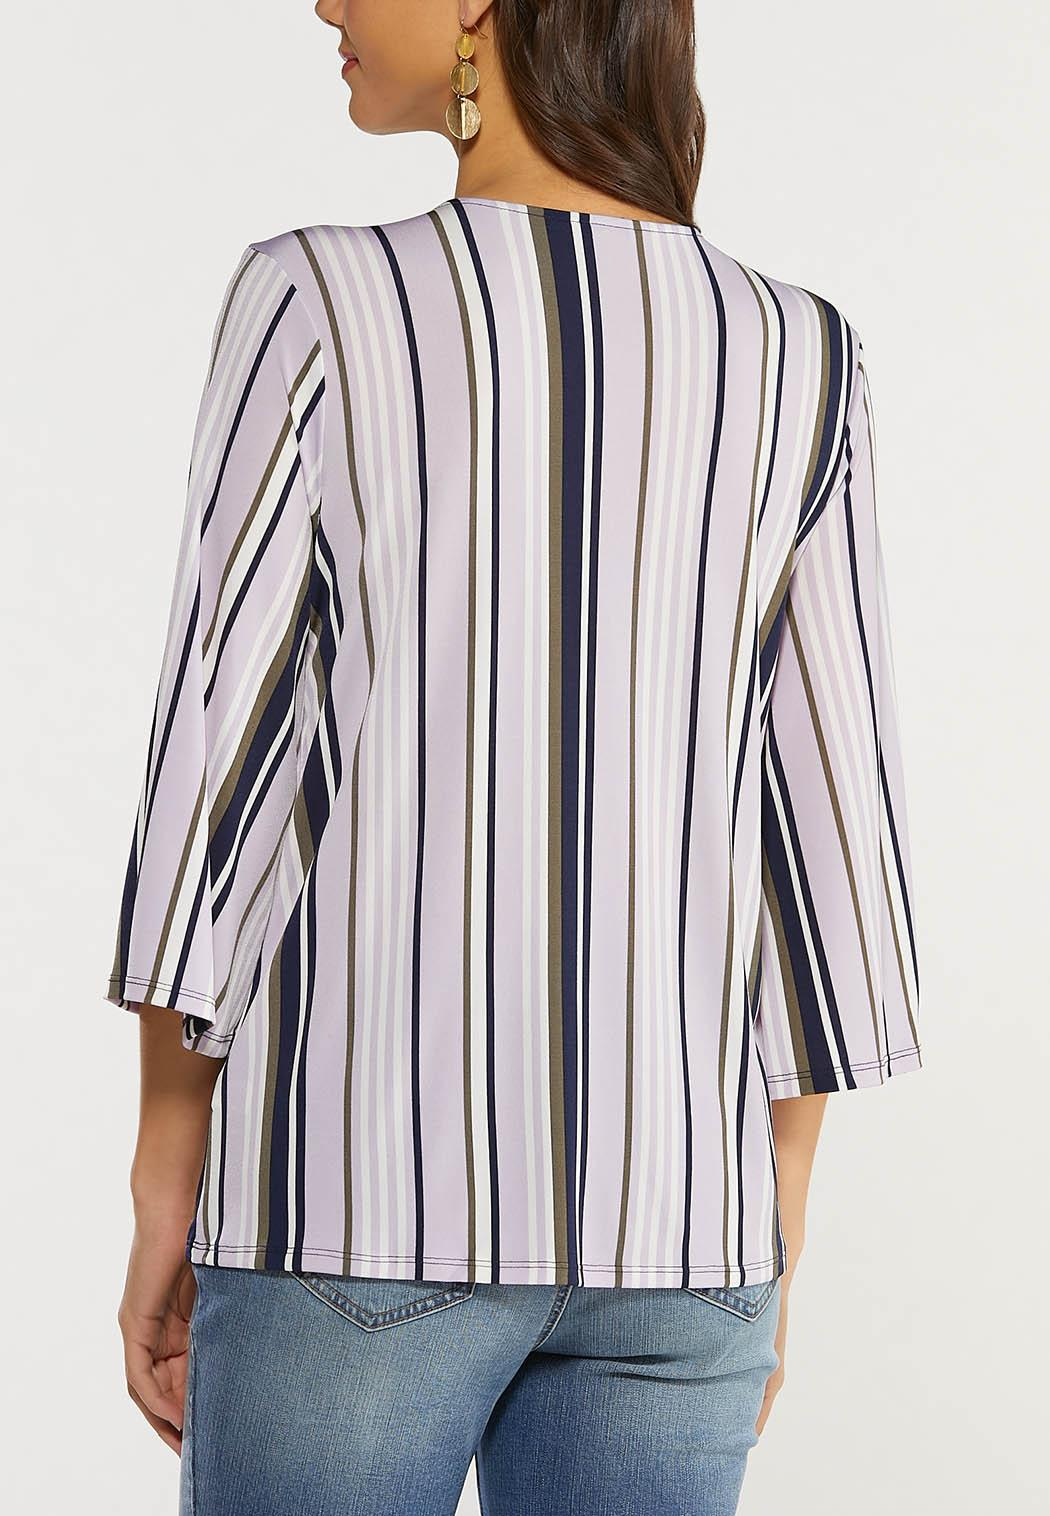 Embellished Lavender Stripe Top (Item #44495010)